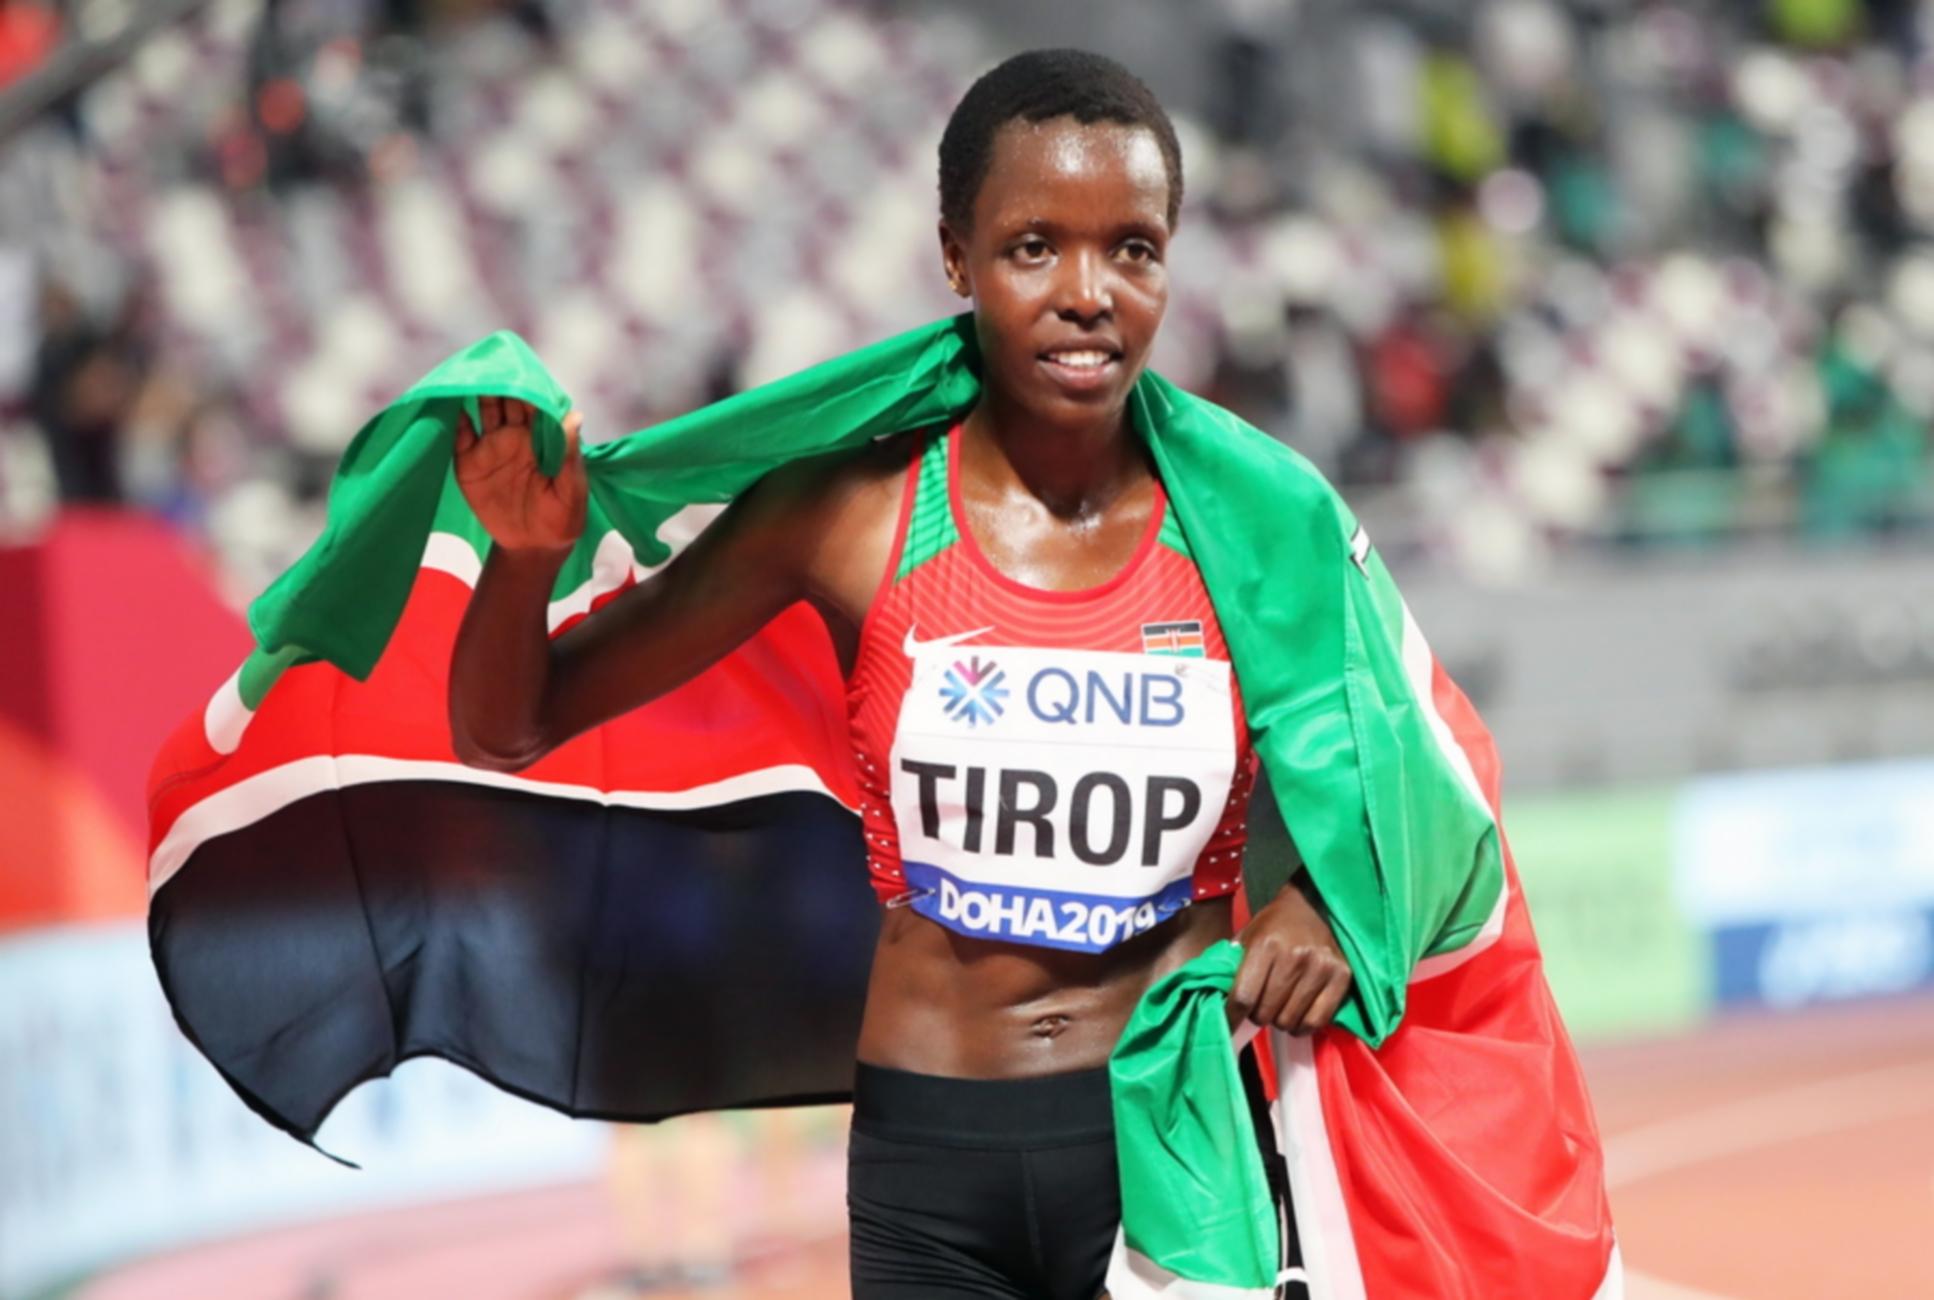 Άγκνες Τιρόπ: Μαχαιρώθηκε στο λαιμό η Κενυάτισσα Ολυμπιονίκης – Δεν έχει συλληφθεί ο ύποπτος